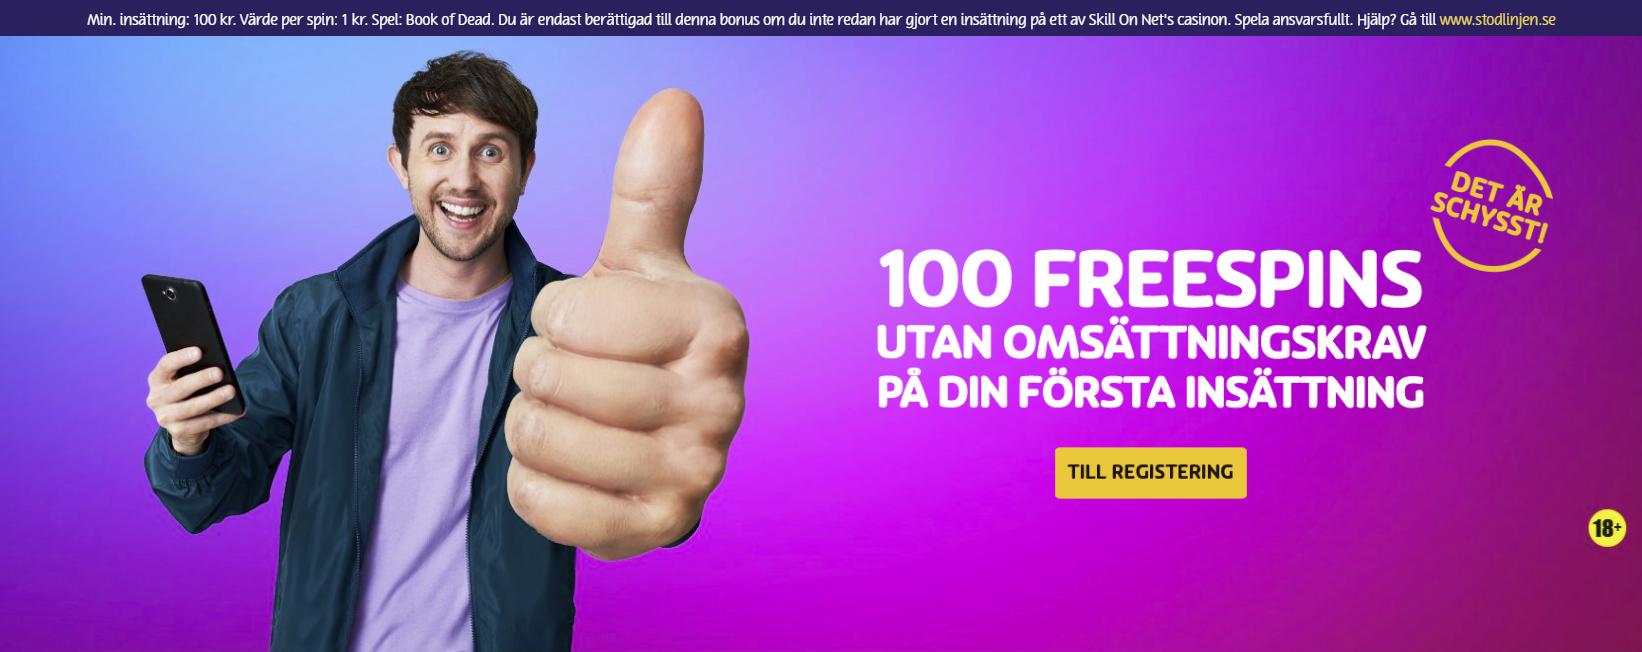 Free spins utan omsättningskrav 2019: få 100 free spins utan omsättningskrav på din första insättning hos PlayOJO!